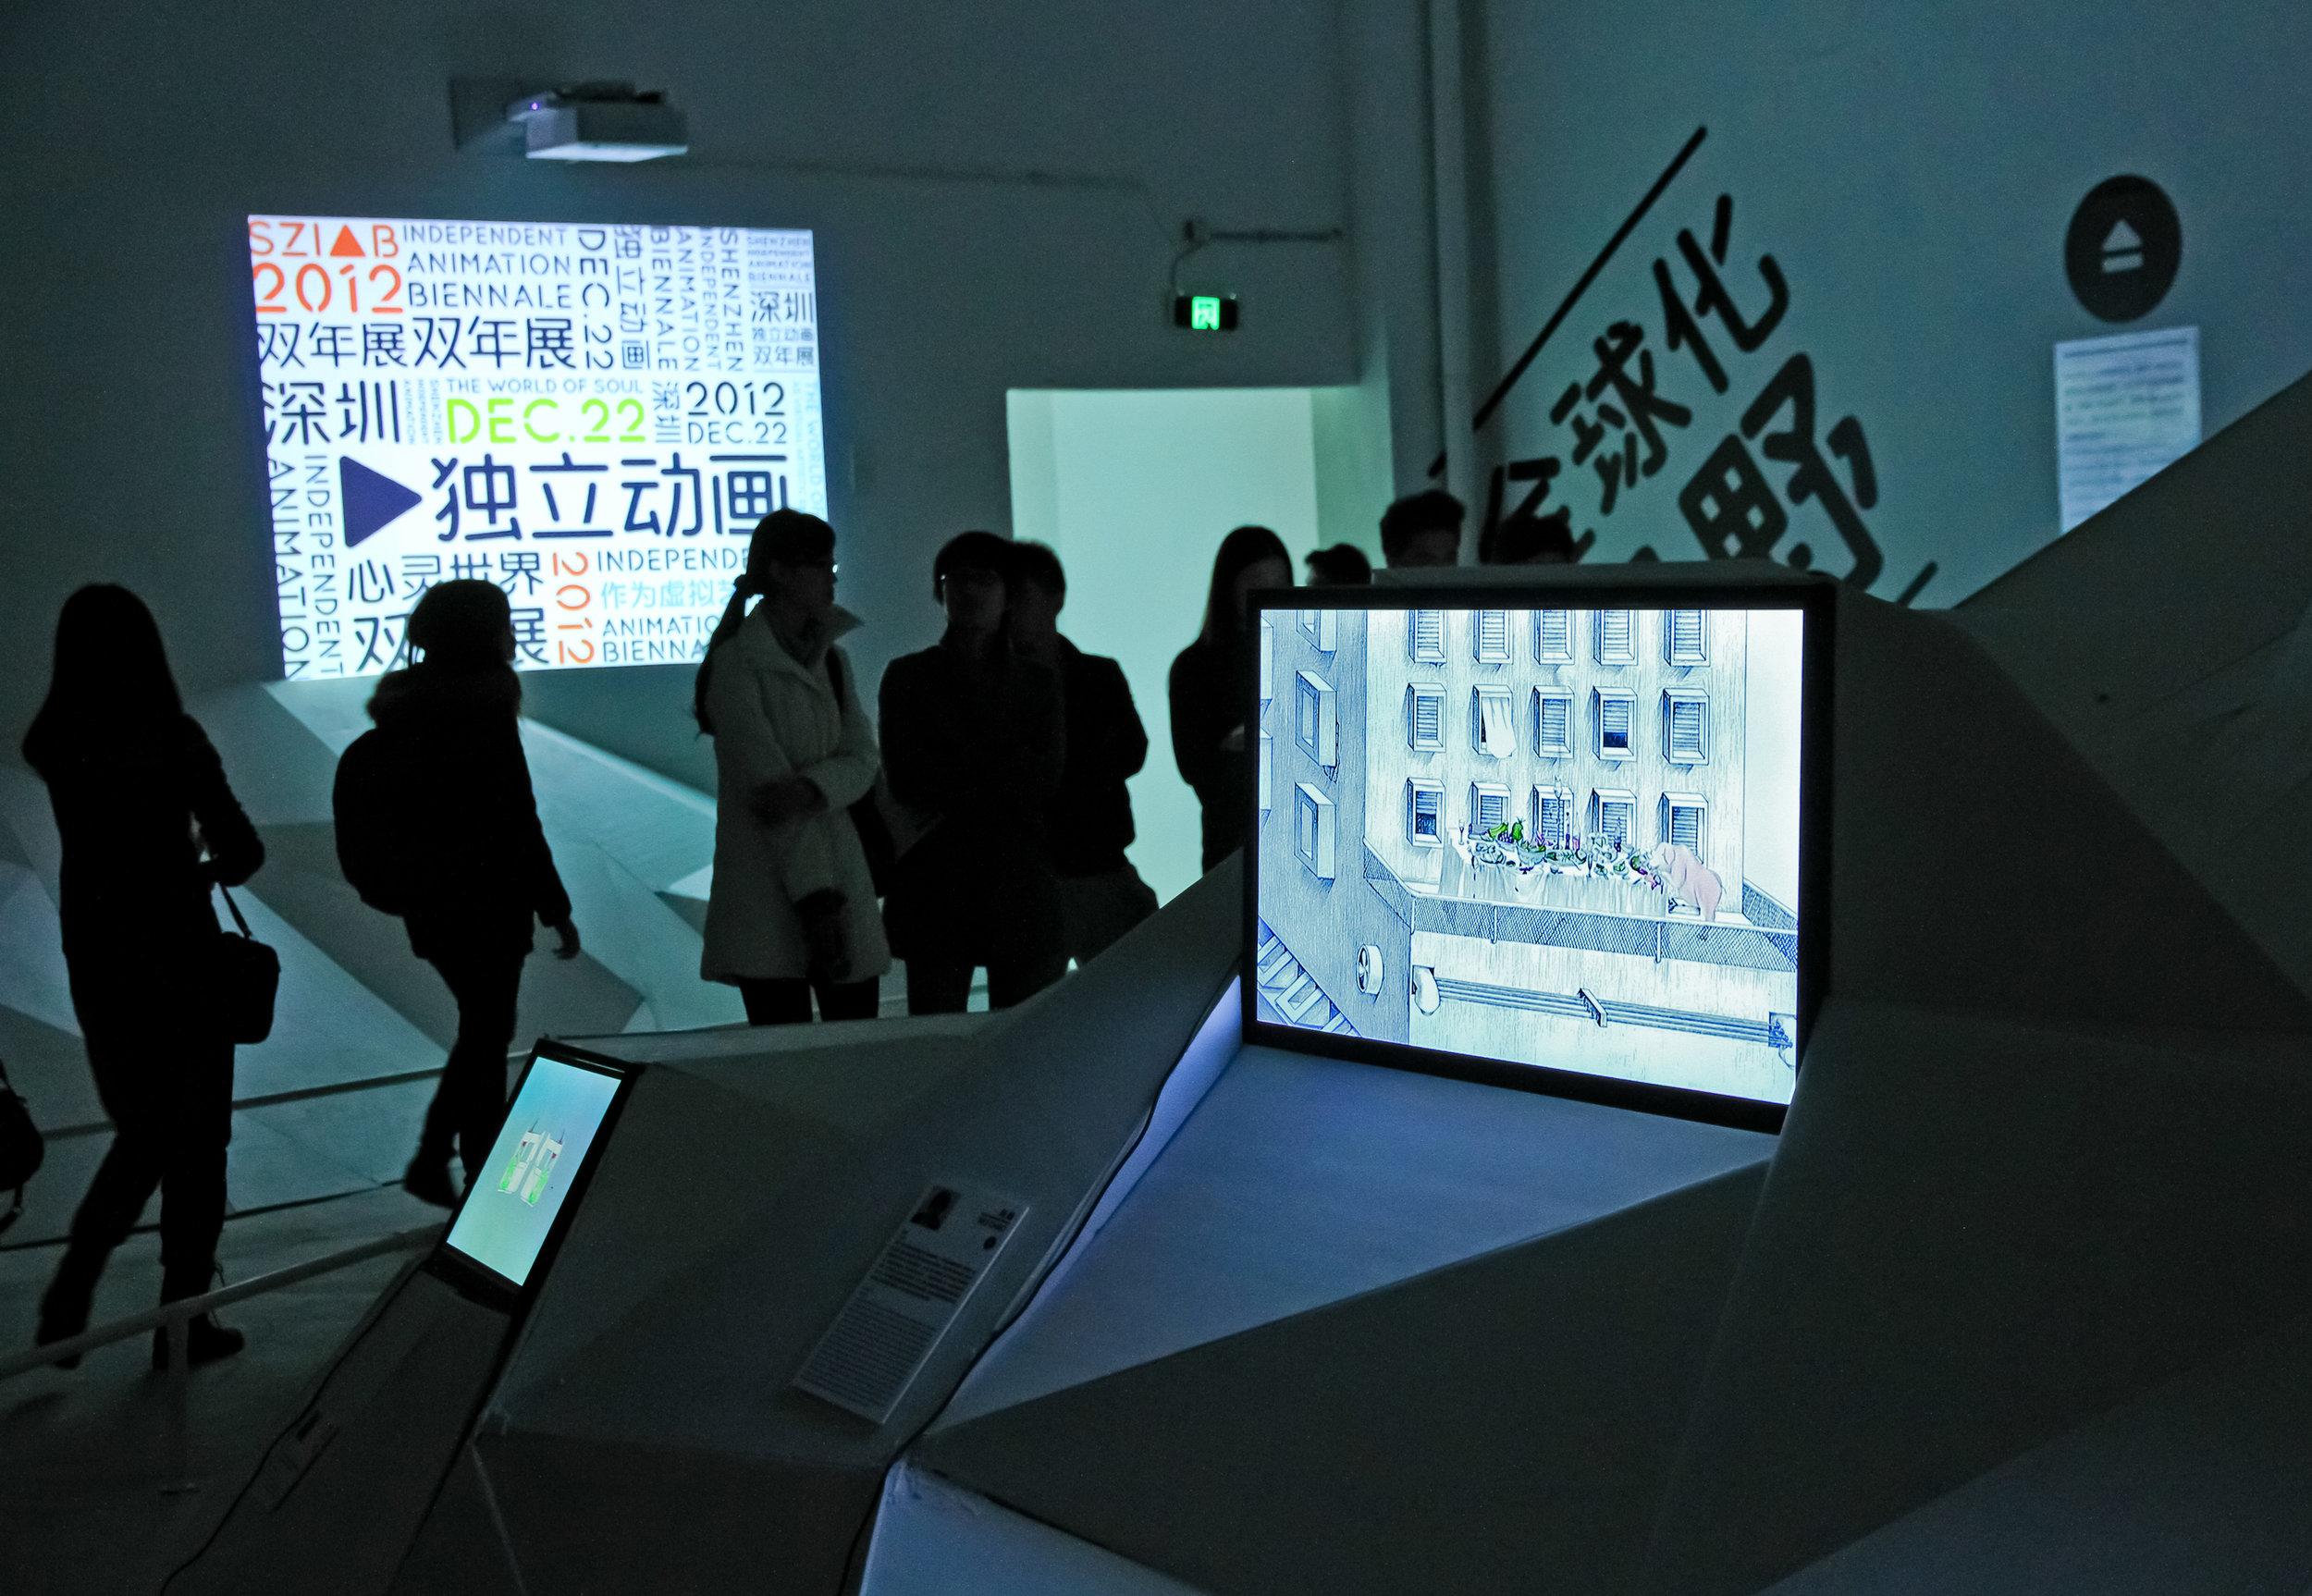 20121222首届深圳独立动画双年展19 欧阳勇 摄影.jpg